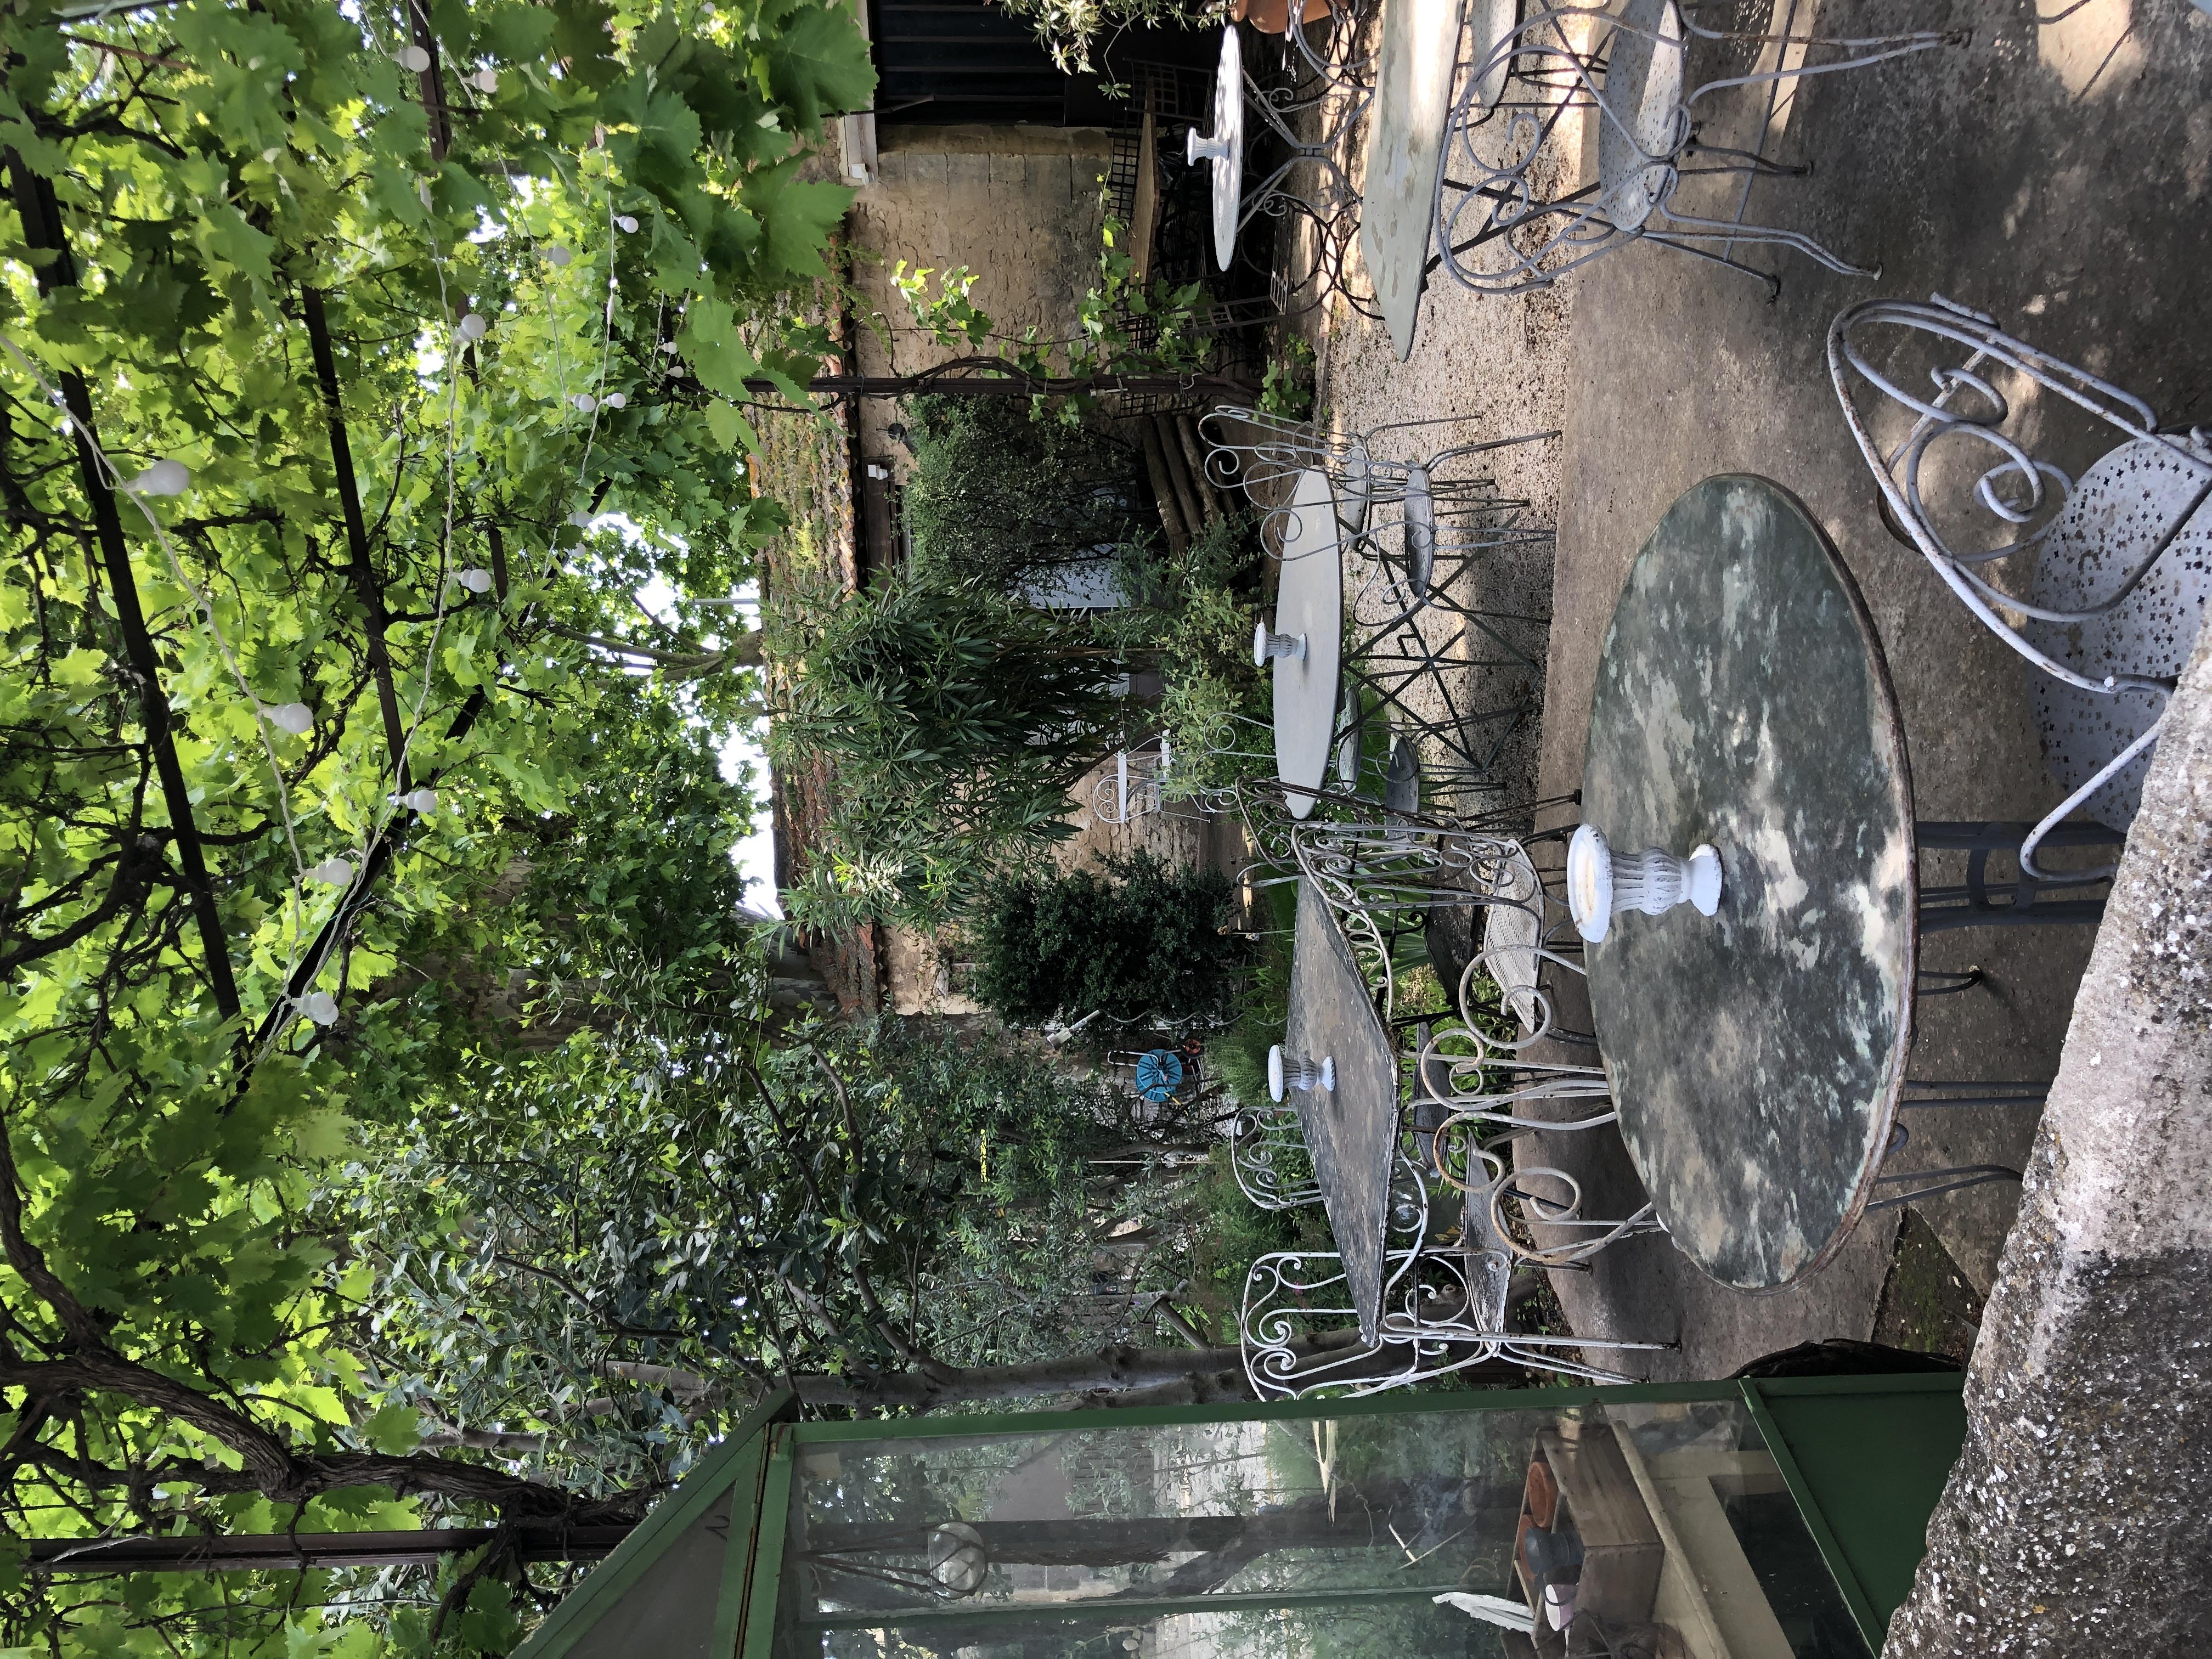 la bastide des songes - chambre hotes - luberon - provence - gordes - roussillon - isle sur sorgue - terrasse petits dejeuners